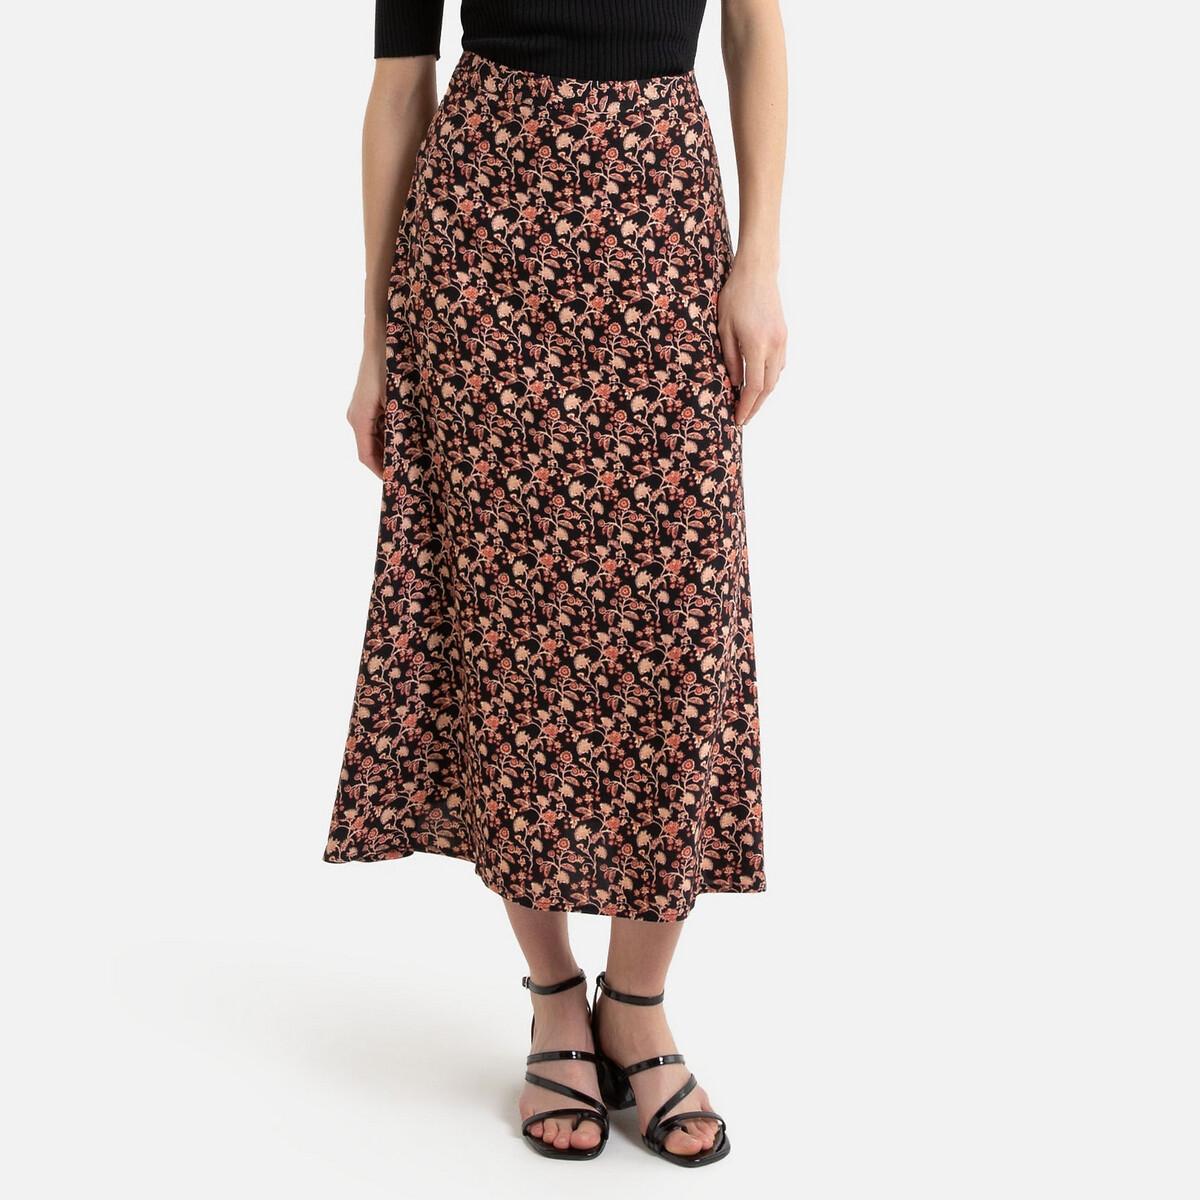 Юбка La Redoute Длинная расклешенная с цветочным рисунком 34 (FR) - 40 (RUS) черный юбка la redoute короткая расклешенная с цветочным рисунком и оборками на поясе xs бежевый